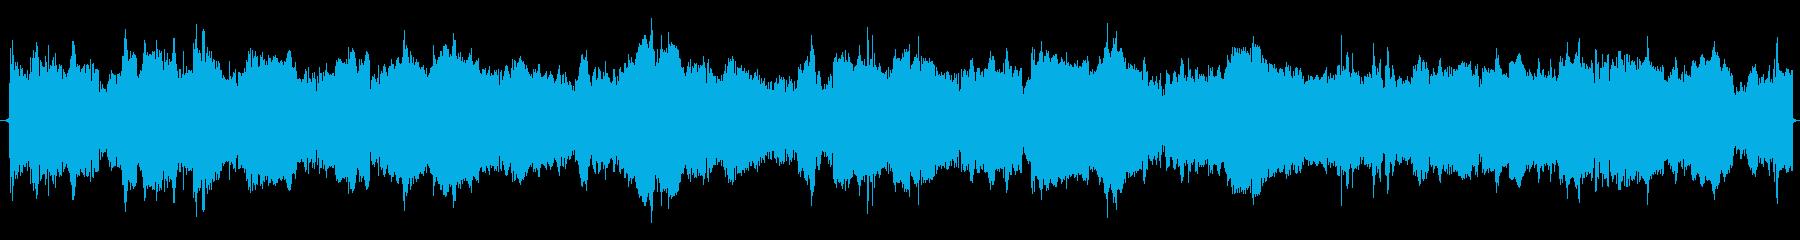 サイレン(電子音 低)救急車 外国 海外の再生済みの波形